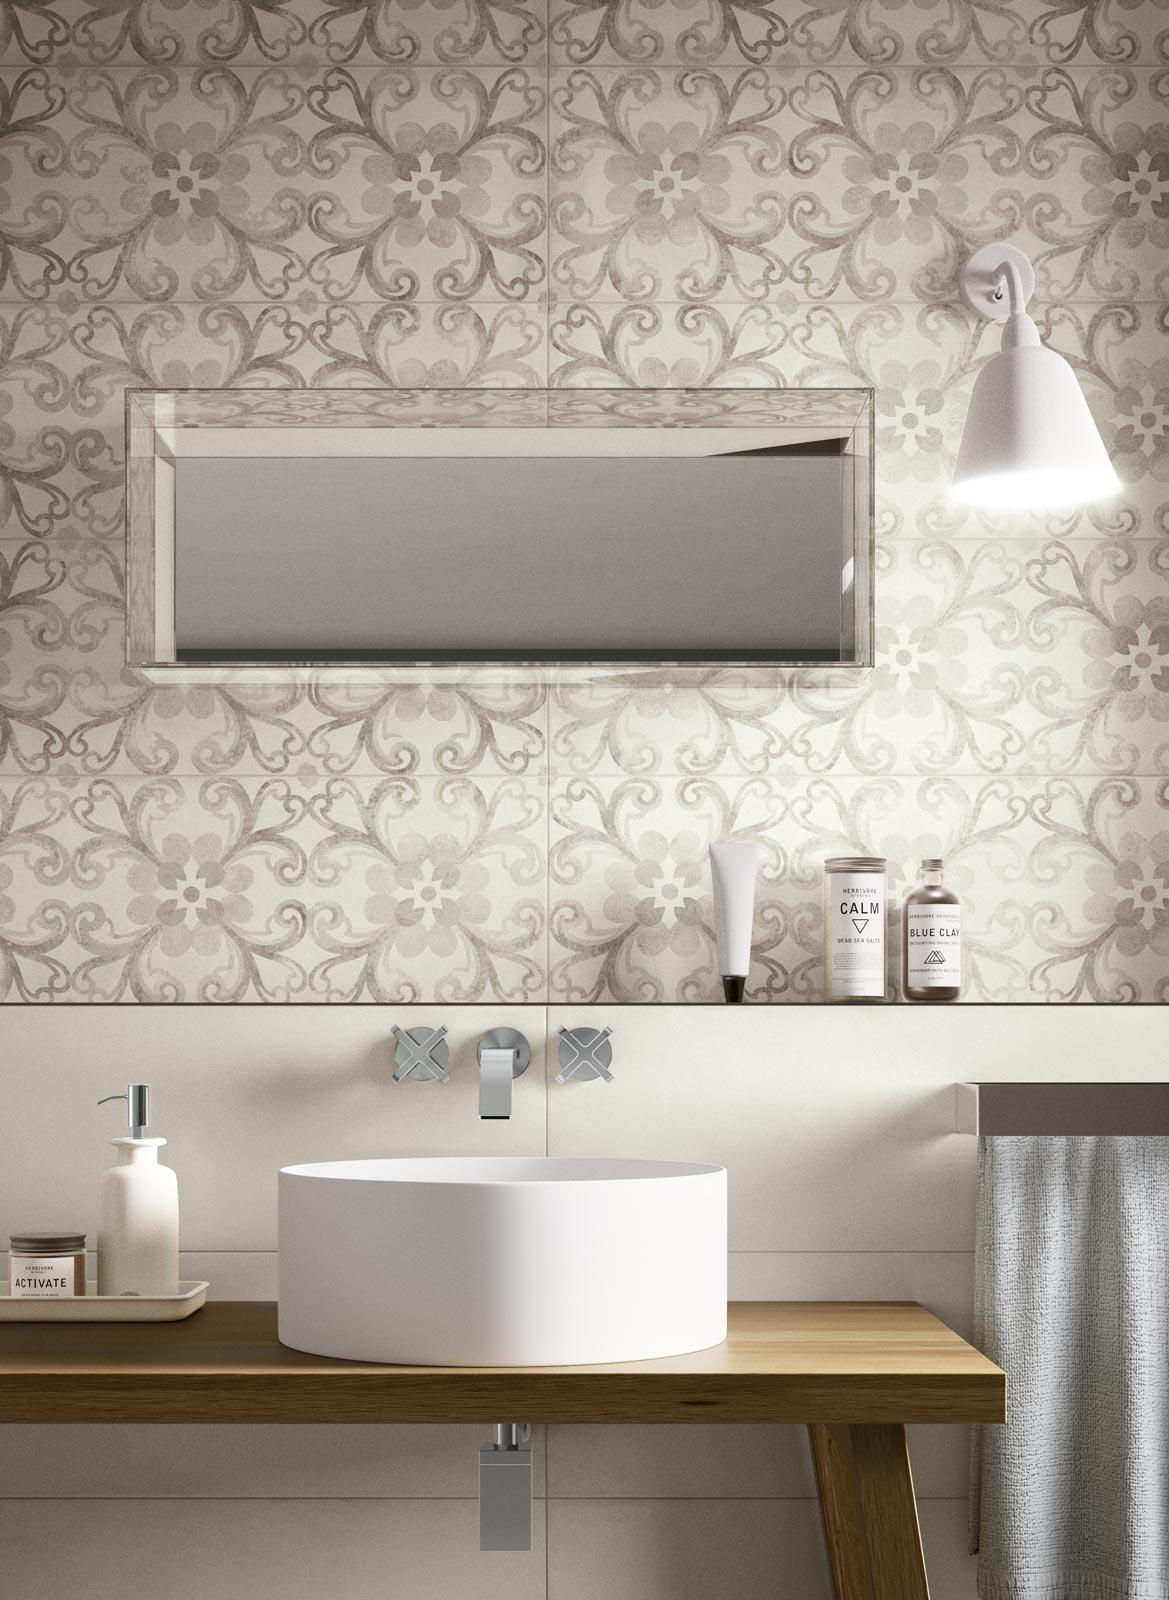 Piastrelle bagno in gres porcellanato ragno - Decori piastrelle bagno ...